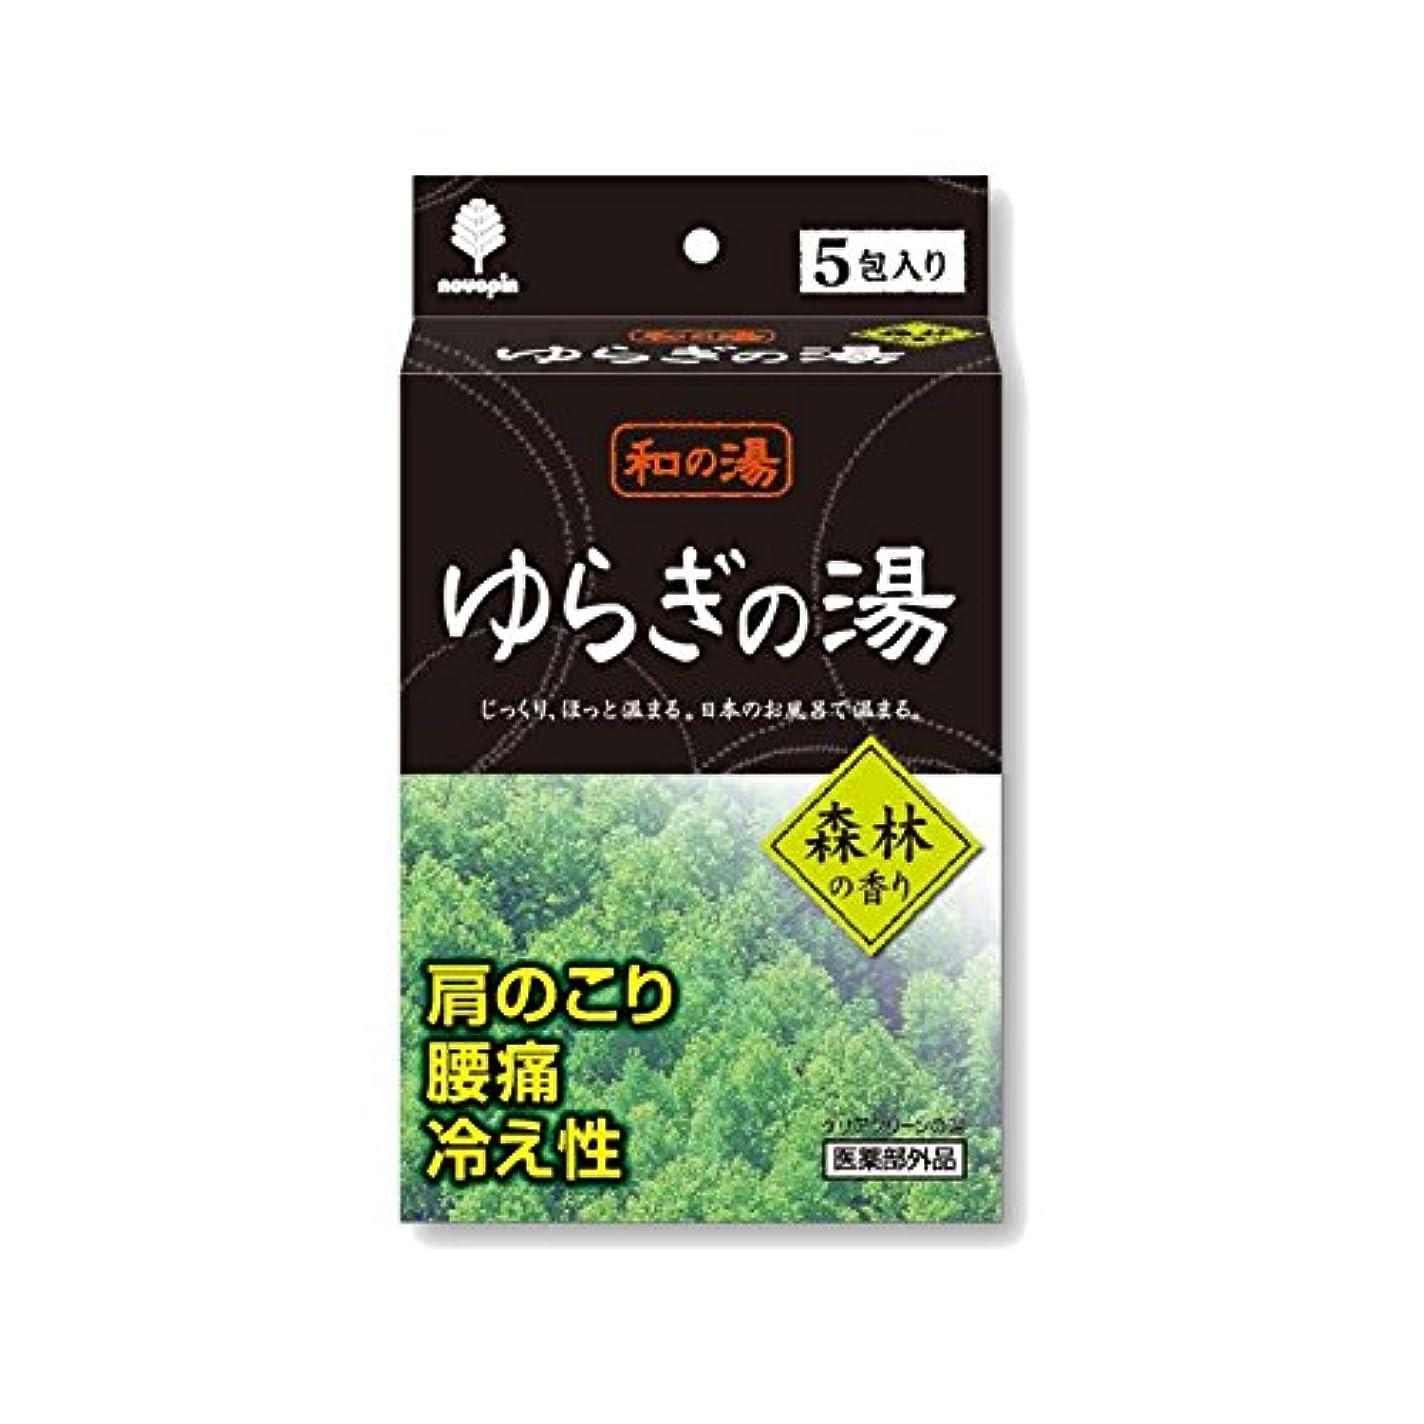 冷える満足させる歌手和の湯 ゆらぎの湯 森林の香り(25gx5)x10